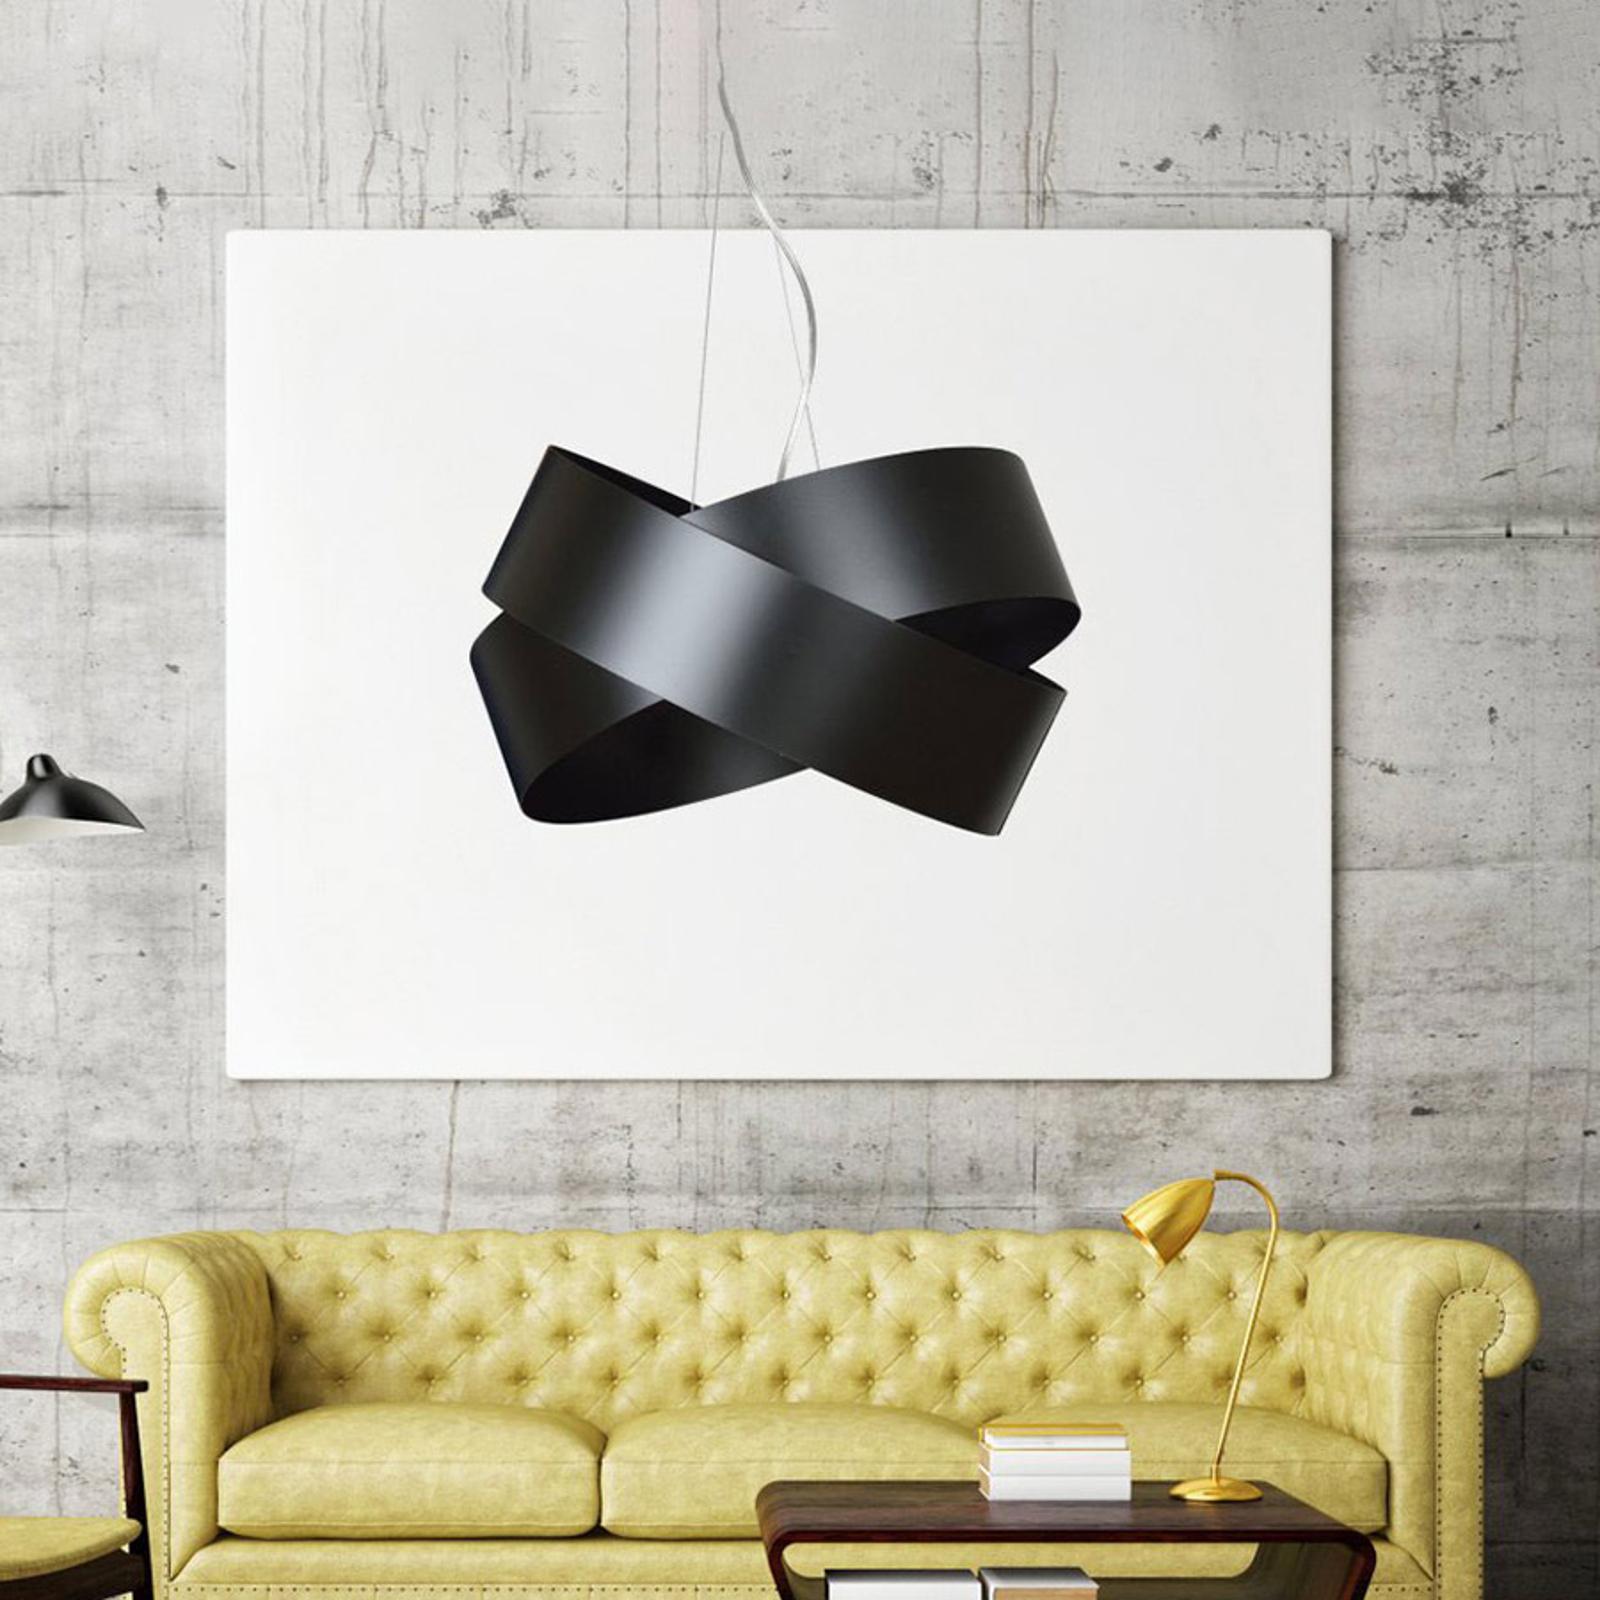 Vieno hængelampe af sorte stålringe